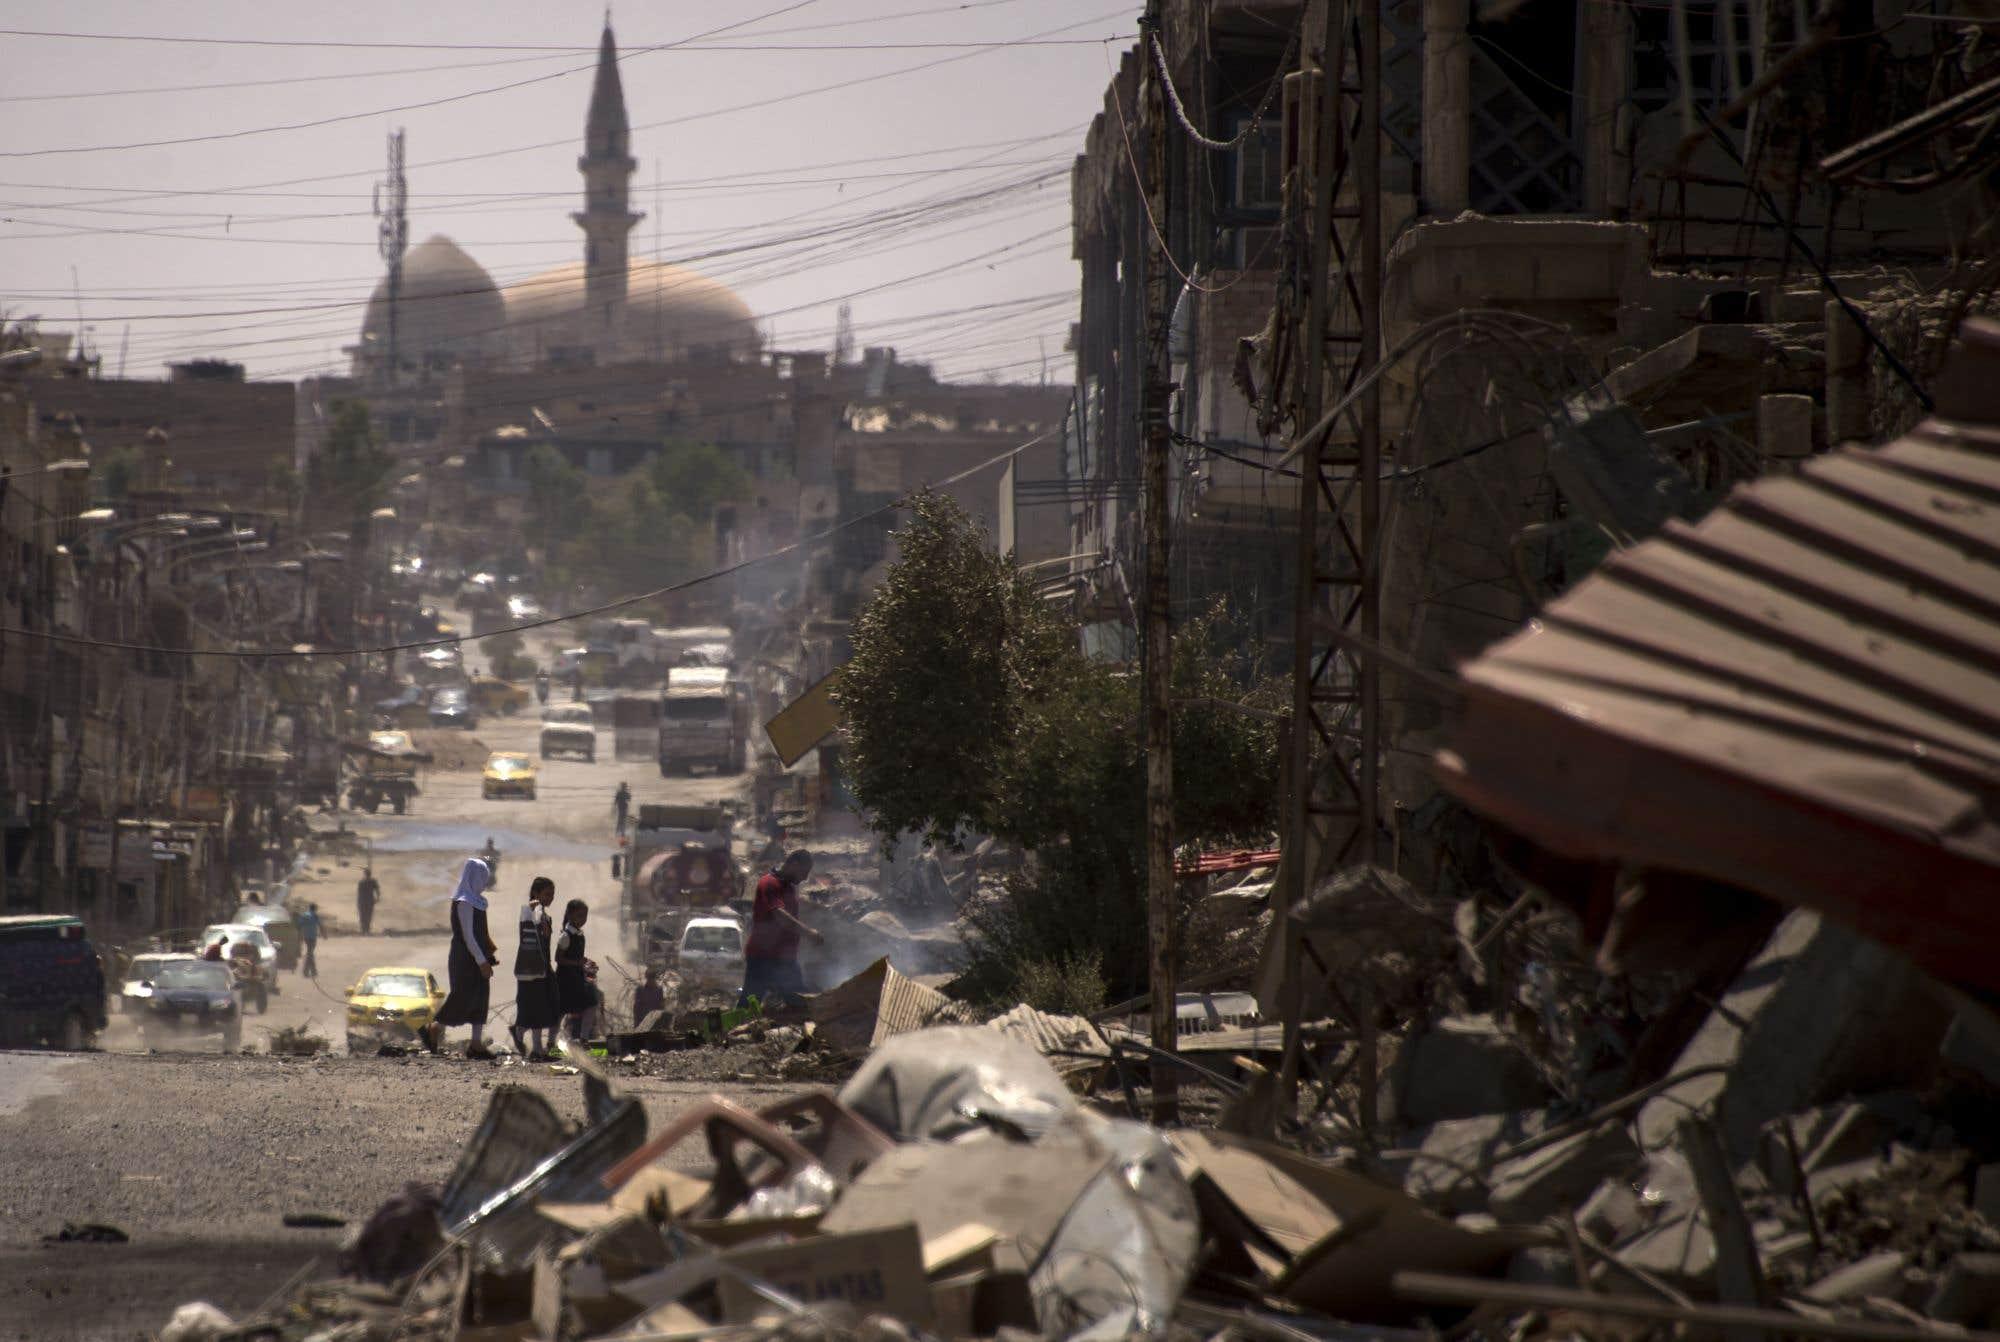 Le premier ministre irakien, Haider al-Abadi, a déclaré lundi que la ville de Mossoul, un bastion du groupe armé État islamique, a été reprise. Tout n'est pas rose, cependant : plus d'un million de civils ont fui la ville depuis le début de l'offensive. En photo, une rue de l'ouest de Mossoul marquée par les combats. Consultez notre texte sur le sujet